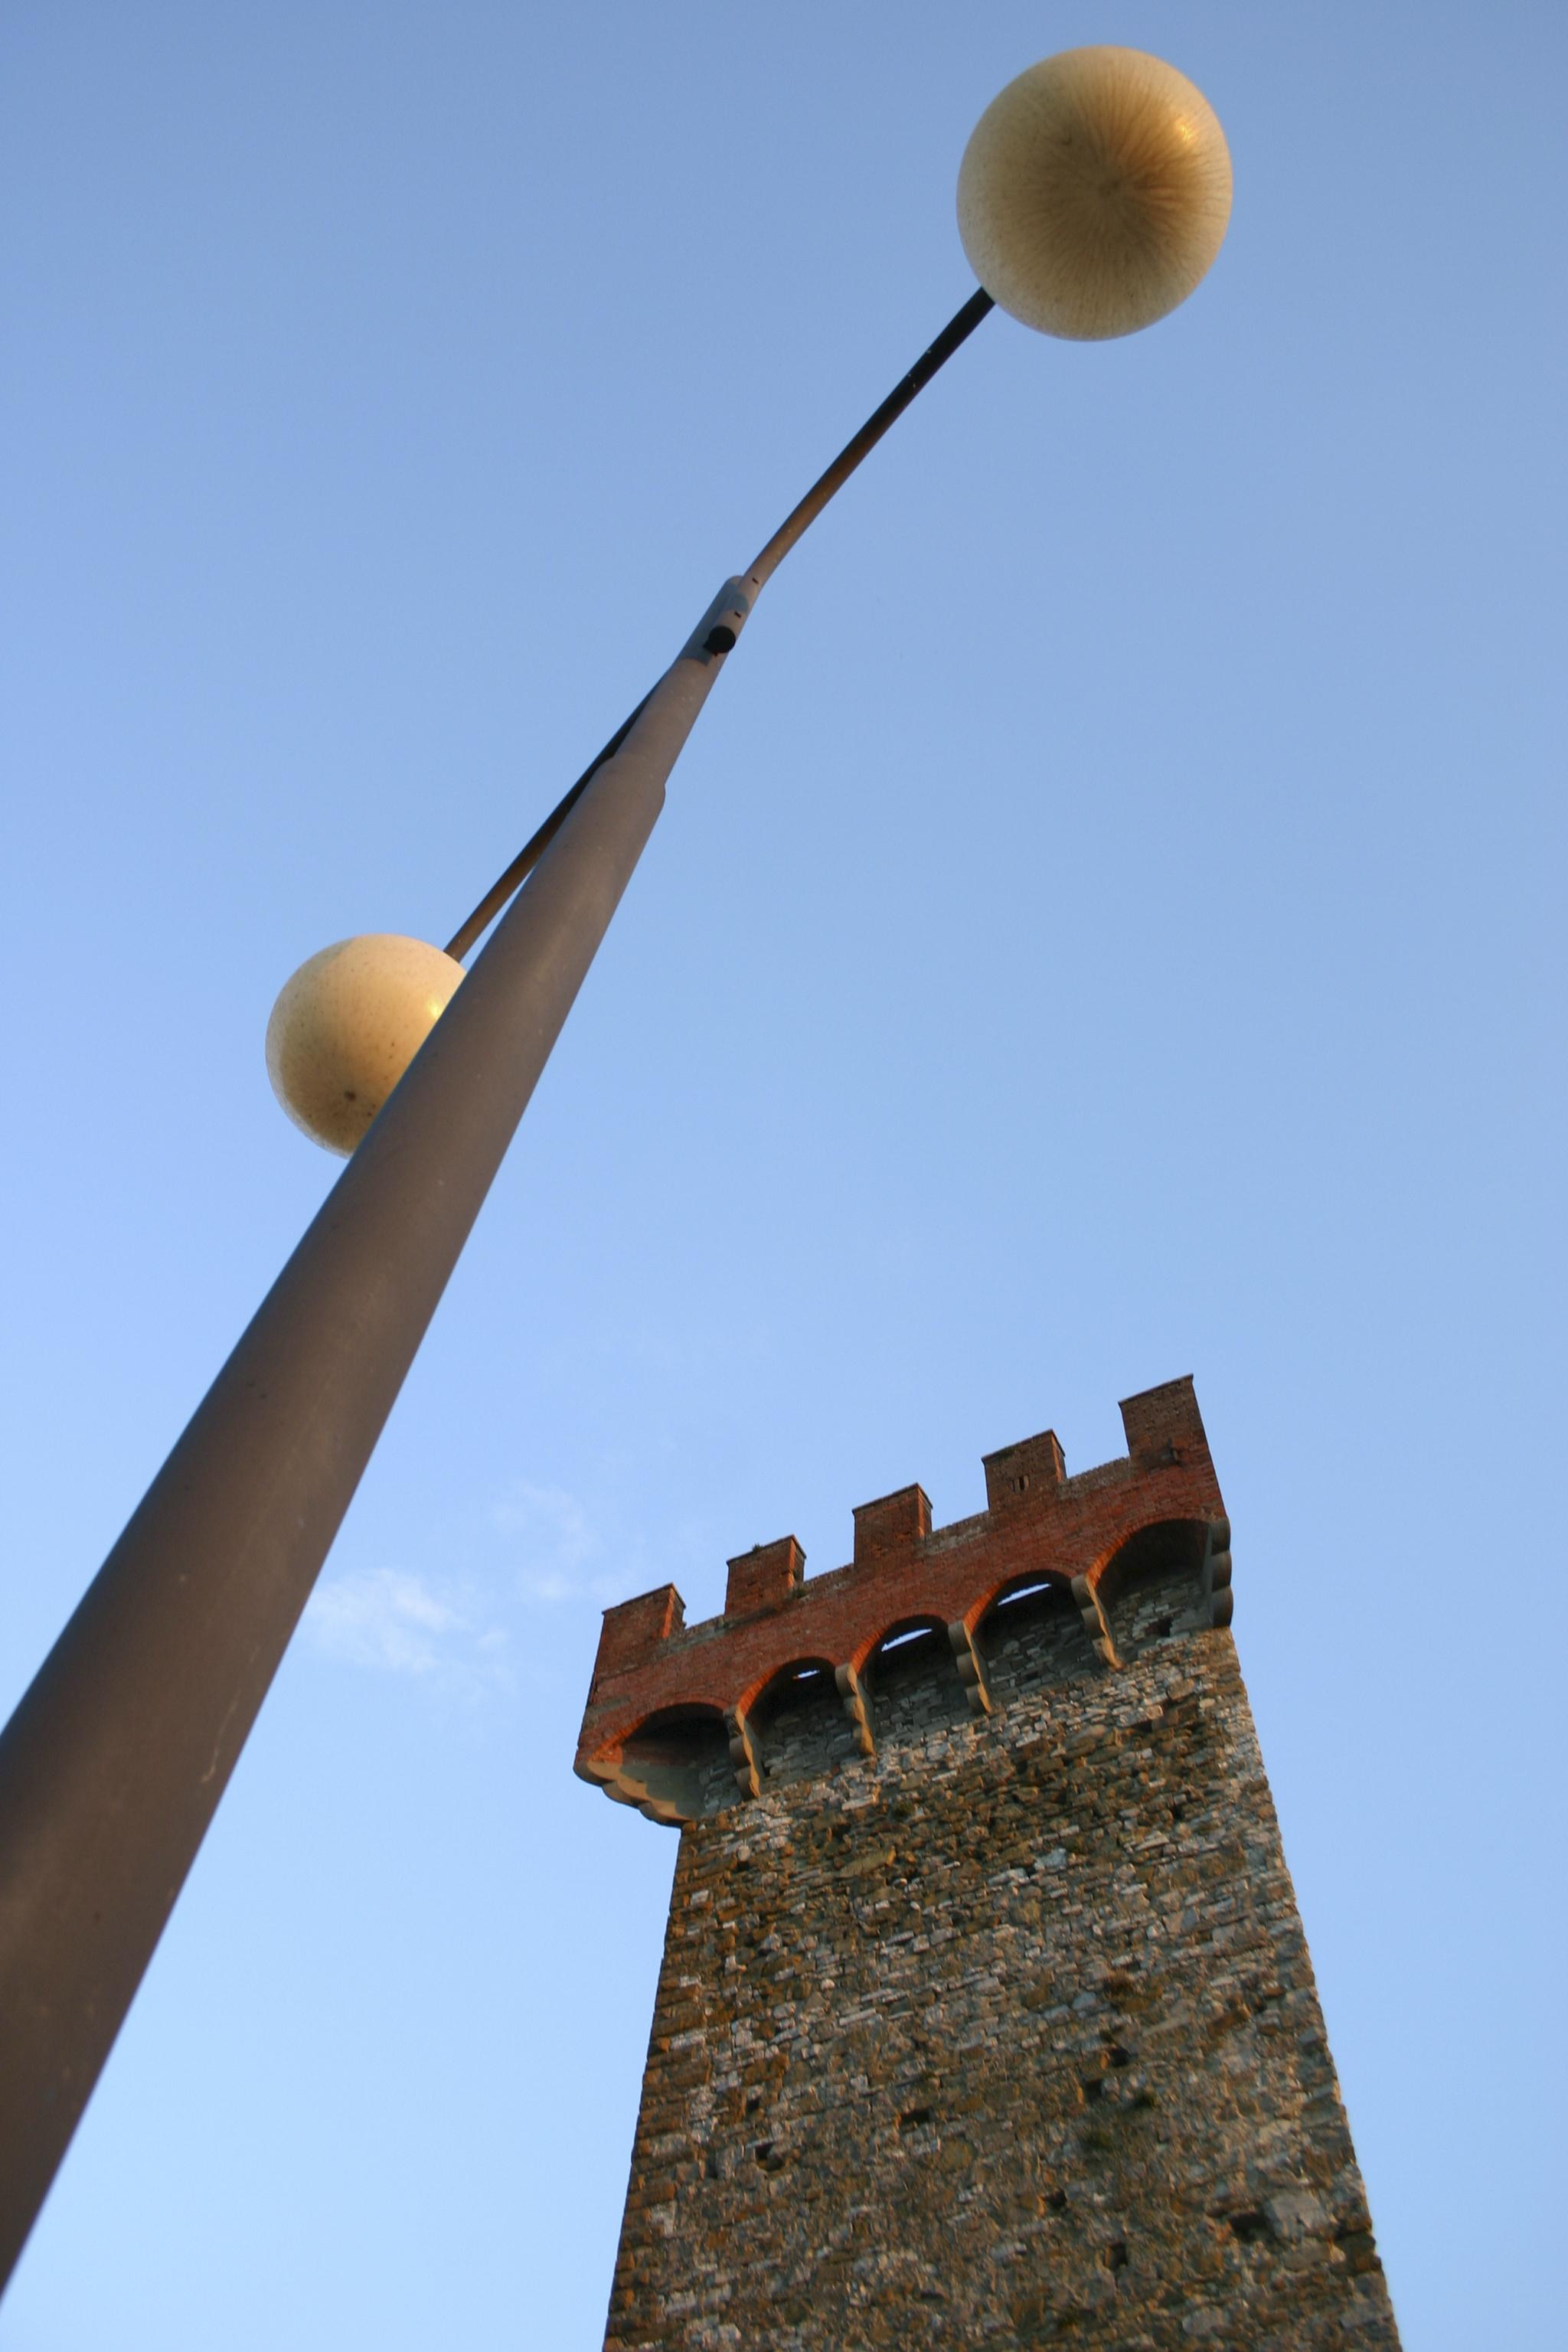 Tower, Tresemeno, Italy